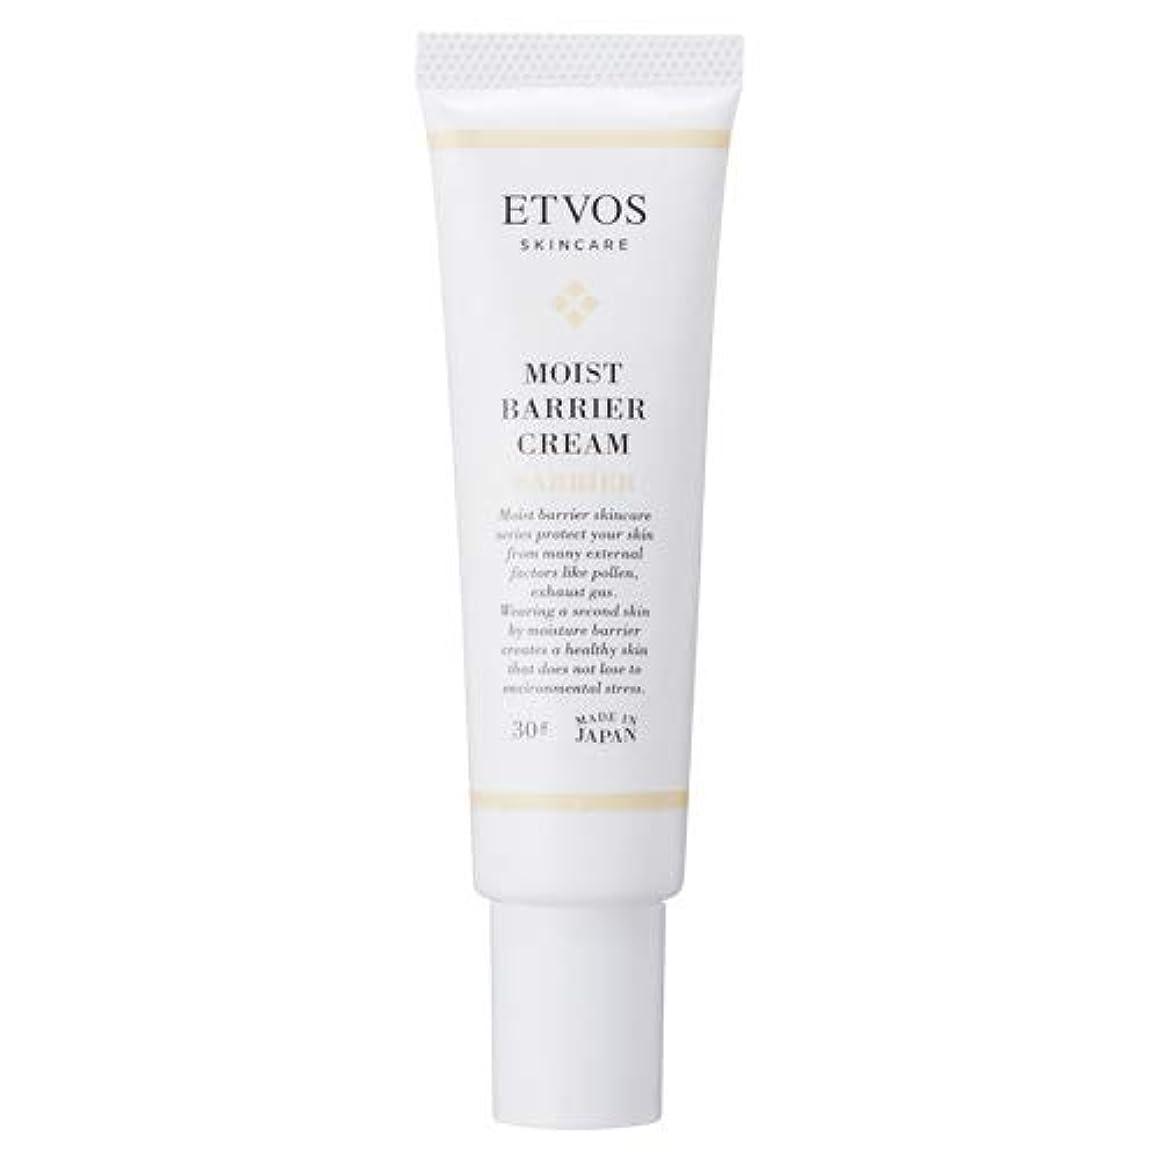 促進する複合デコレーションETVOS(エトヴォス) 皮膚保護クリーム モイストバリアクリーム 30g 肌荒れ/敏感肌 花粉/PM2.5/ハウスダスト